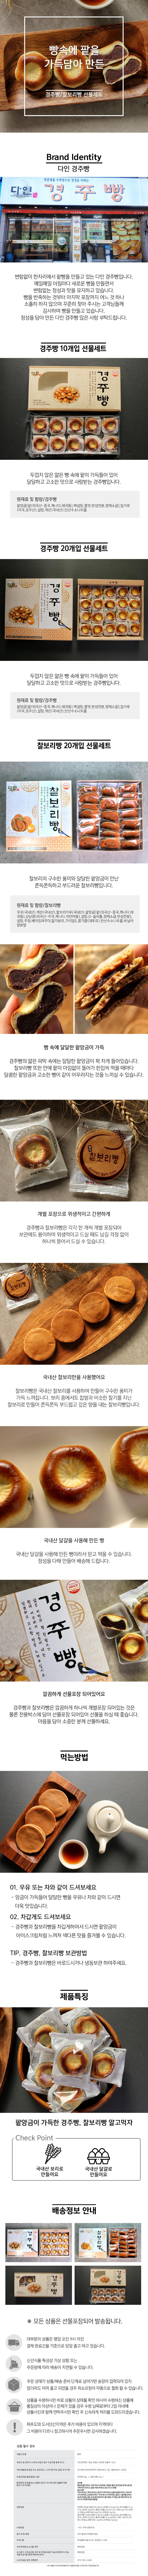 팥이 가득찬 경주빵/찰보리빵/꿀빵 선물세트! - 테이스티푸드, 17,900원, 쿠키/케익/빵, 빵